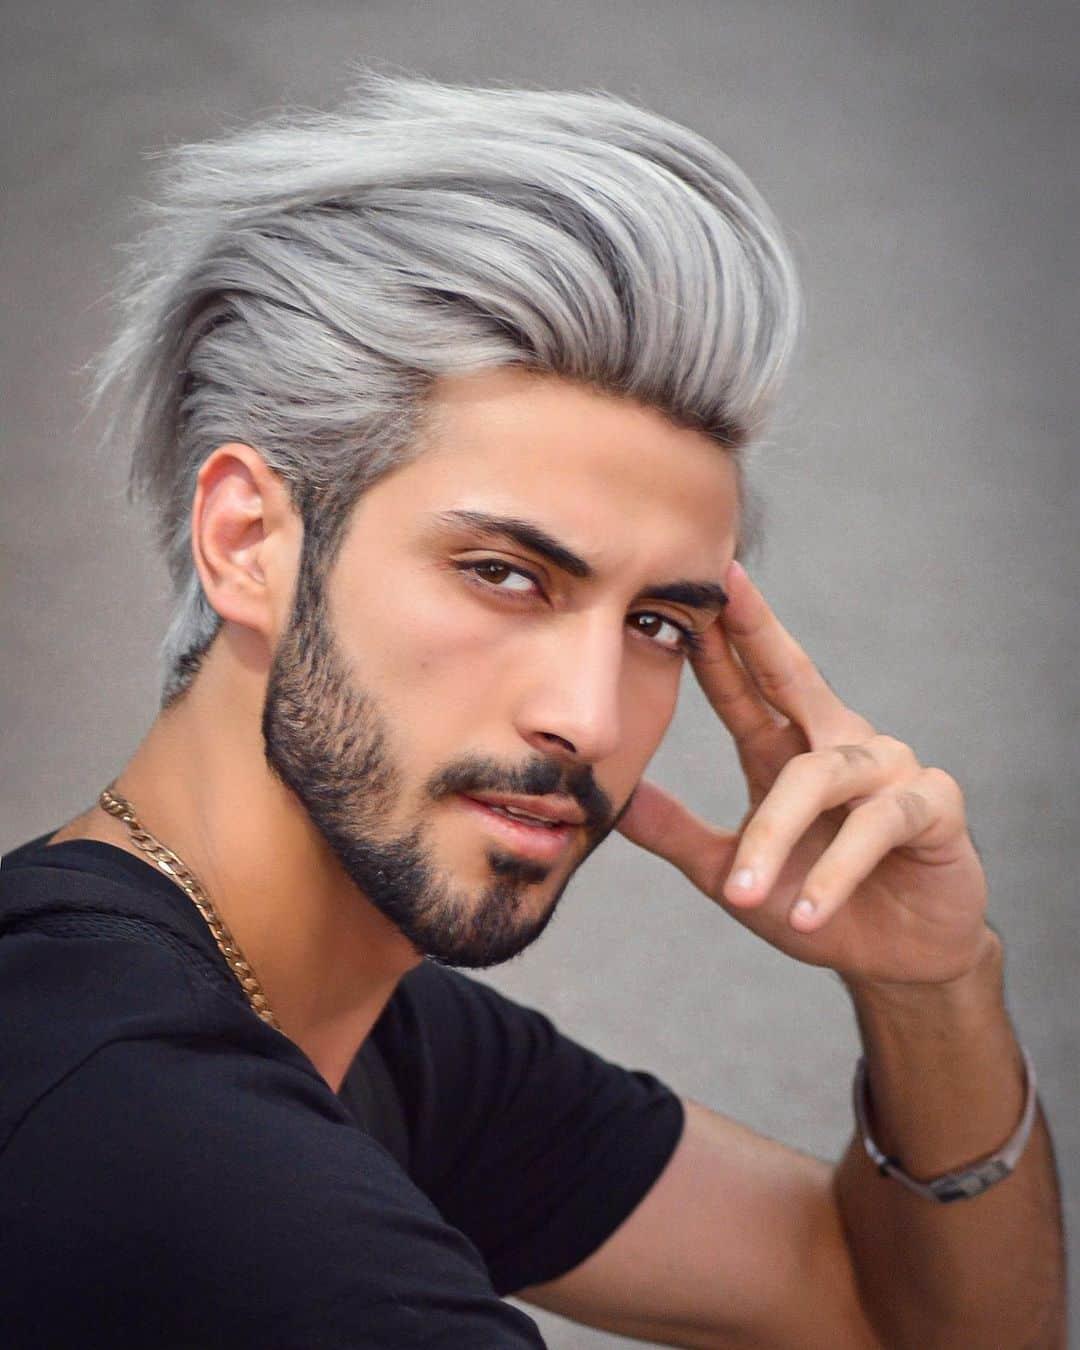 Cabello largo peinado hacia atrás para hombres